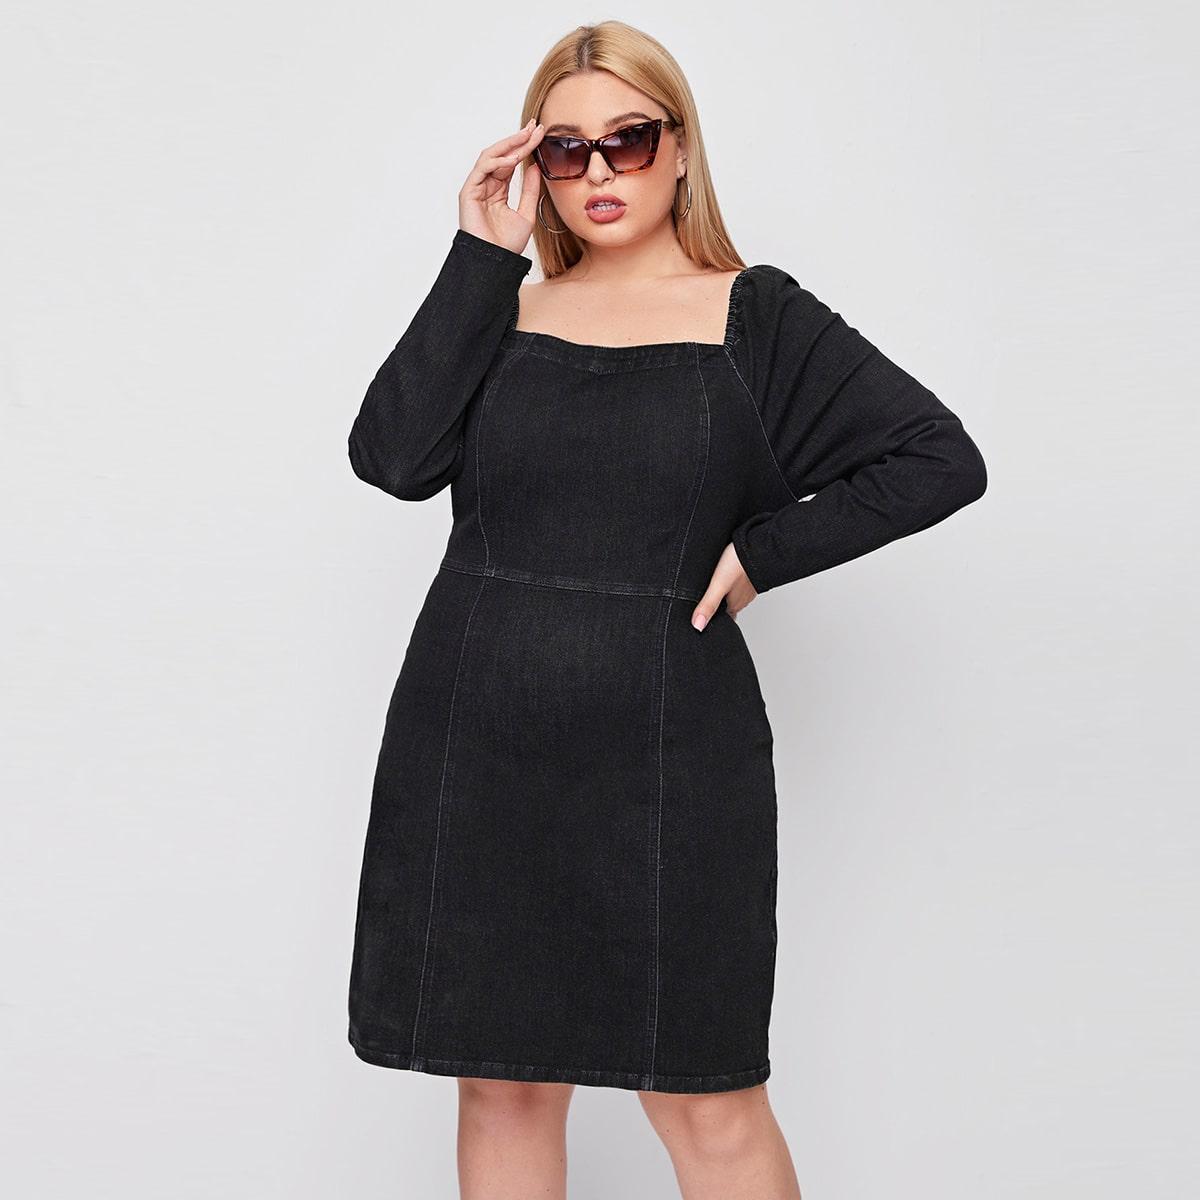 Джинсовое платье размера плюс с рукавом реглан и молнией сзади